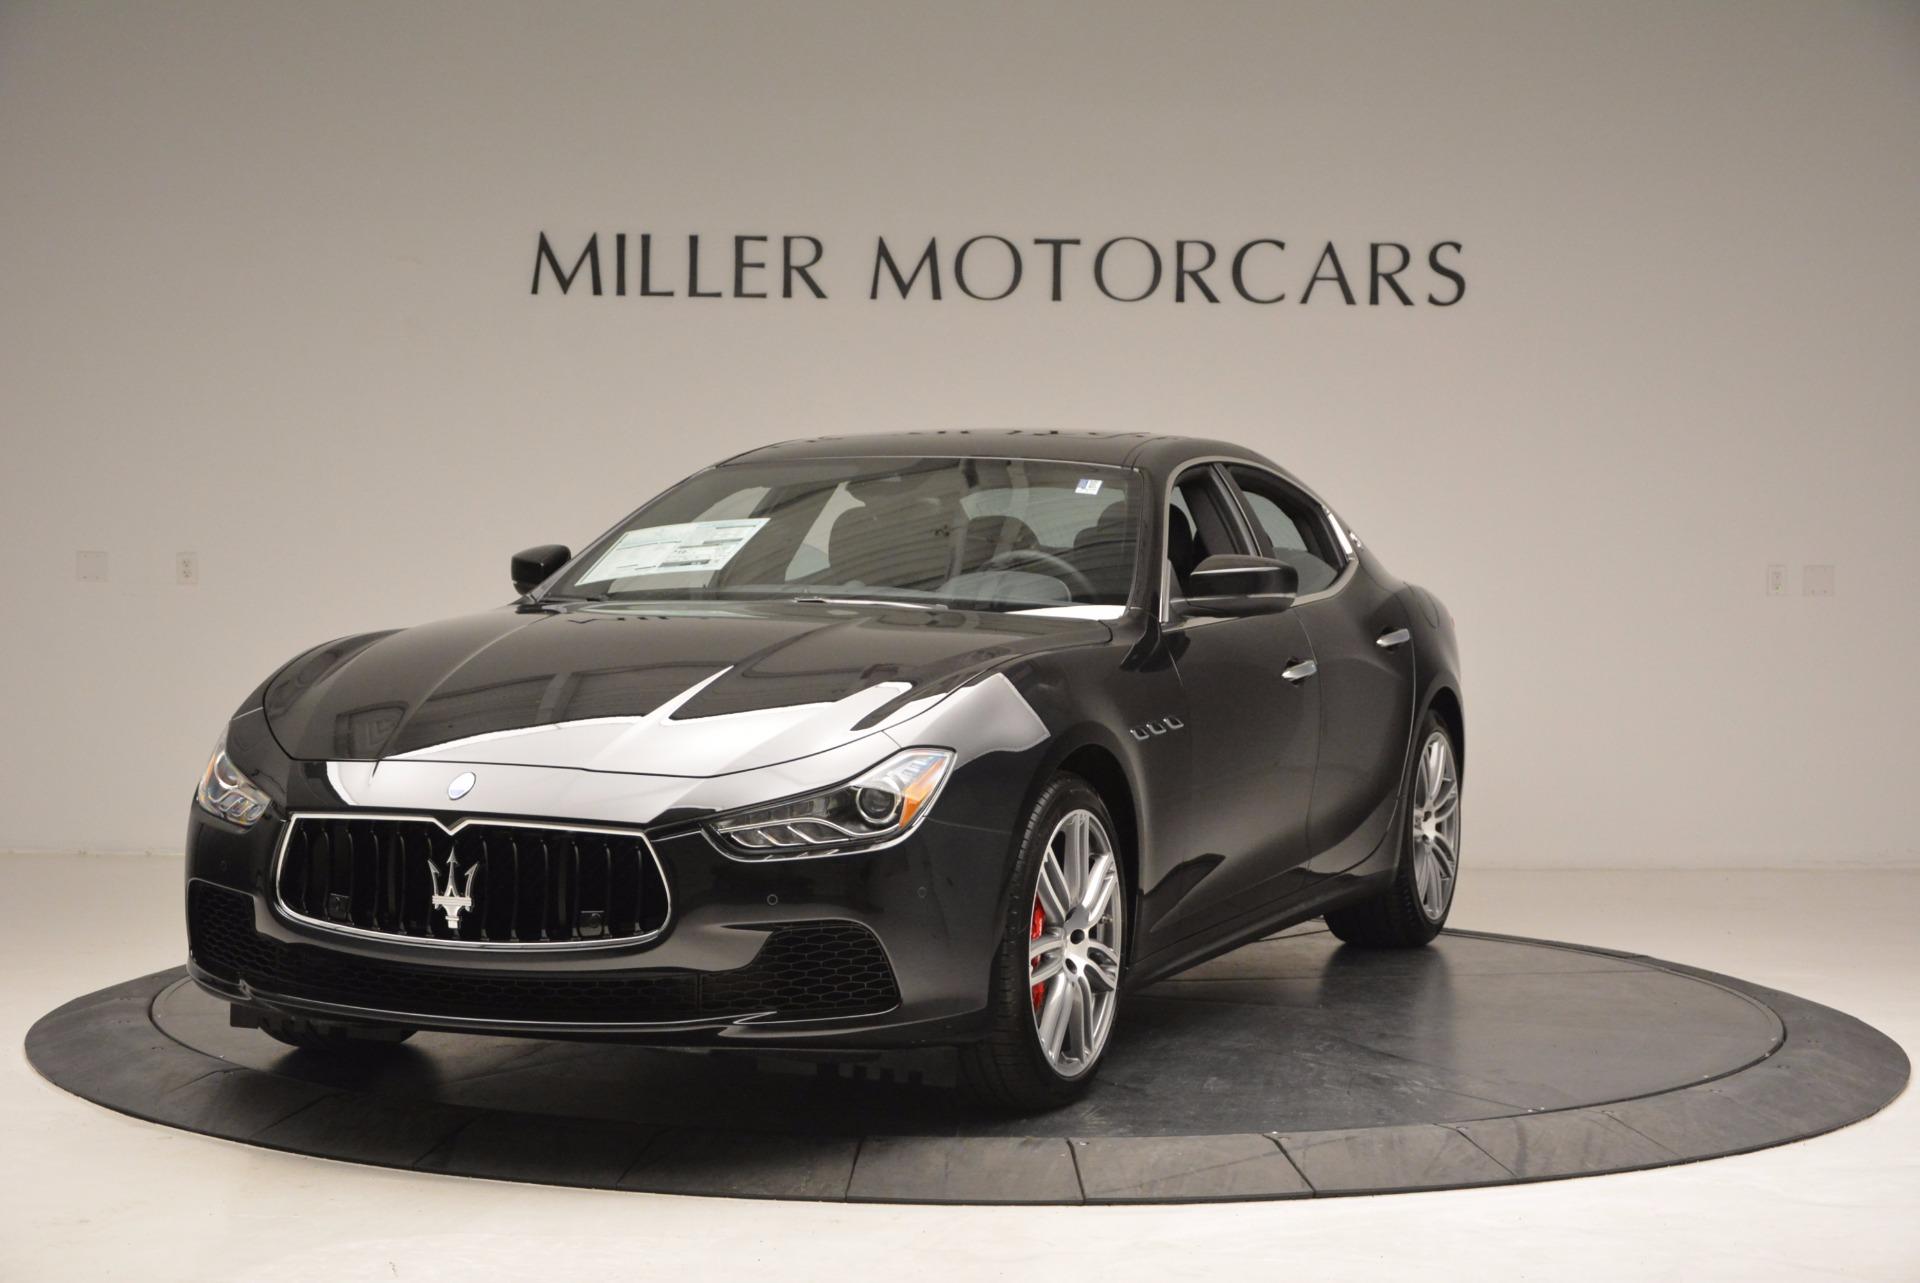 New 2017 Maserati Ghibli SQ4 for sale Sold at Bugatti of Greenwich in Greenwich CT 06830 1